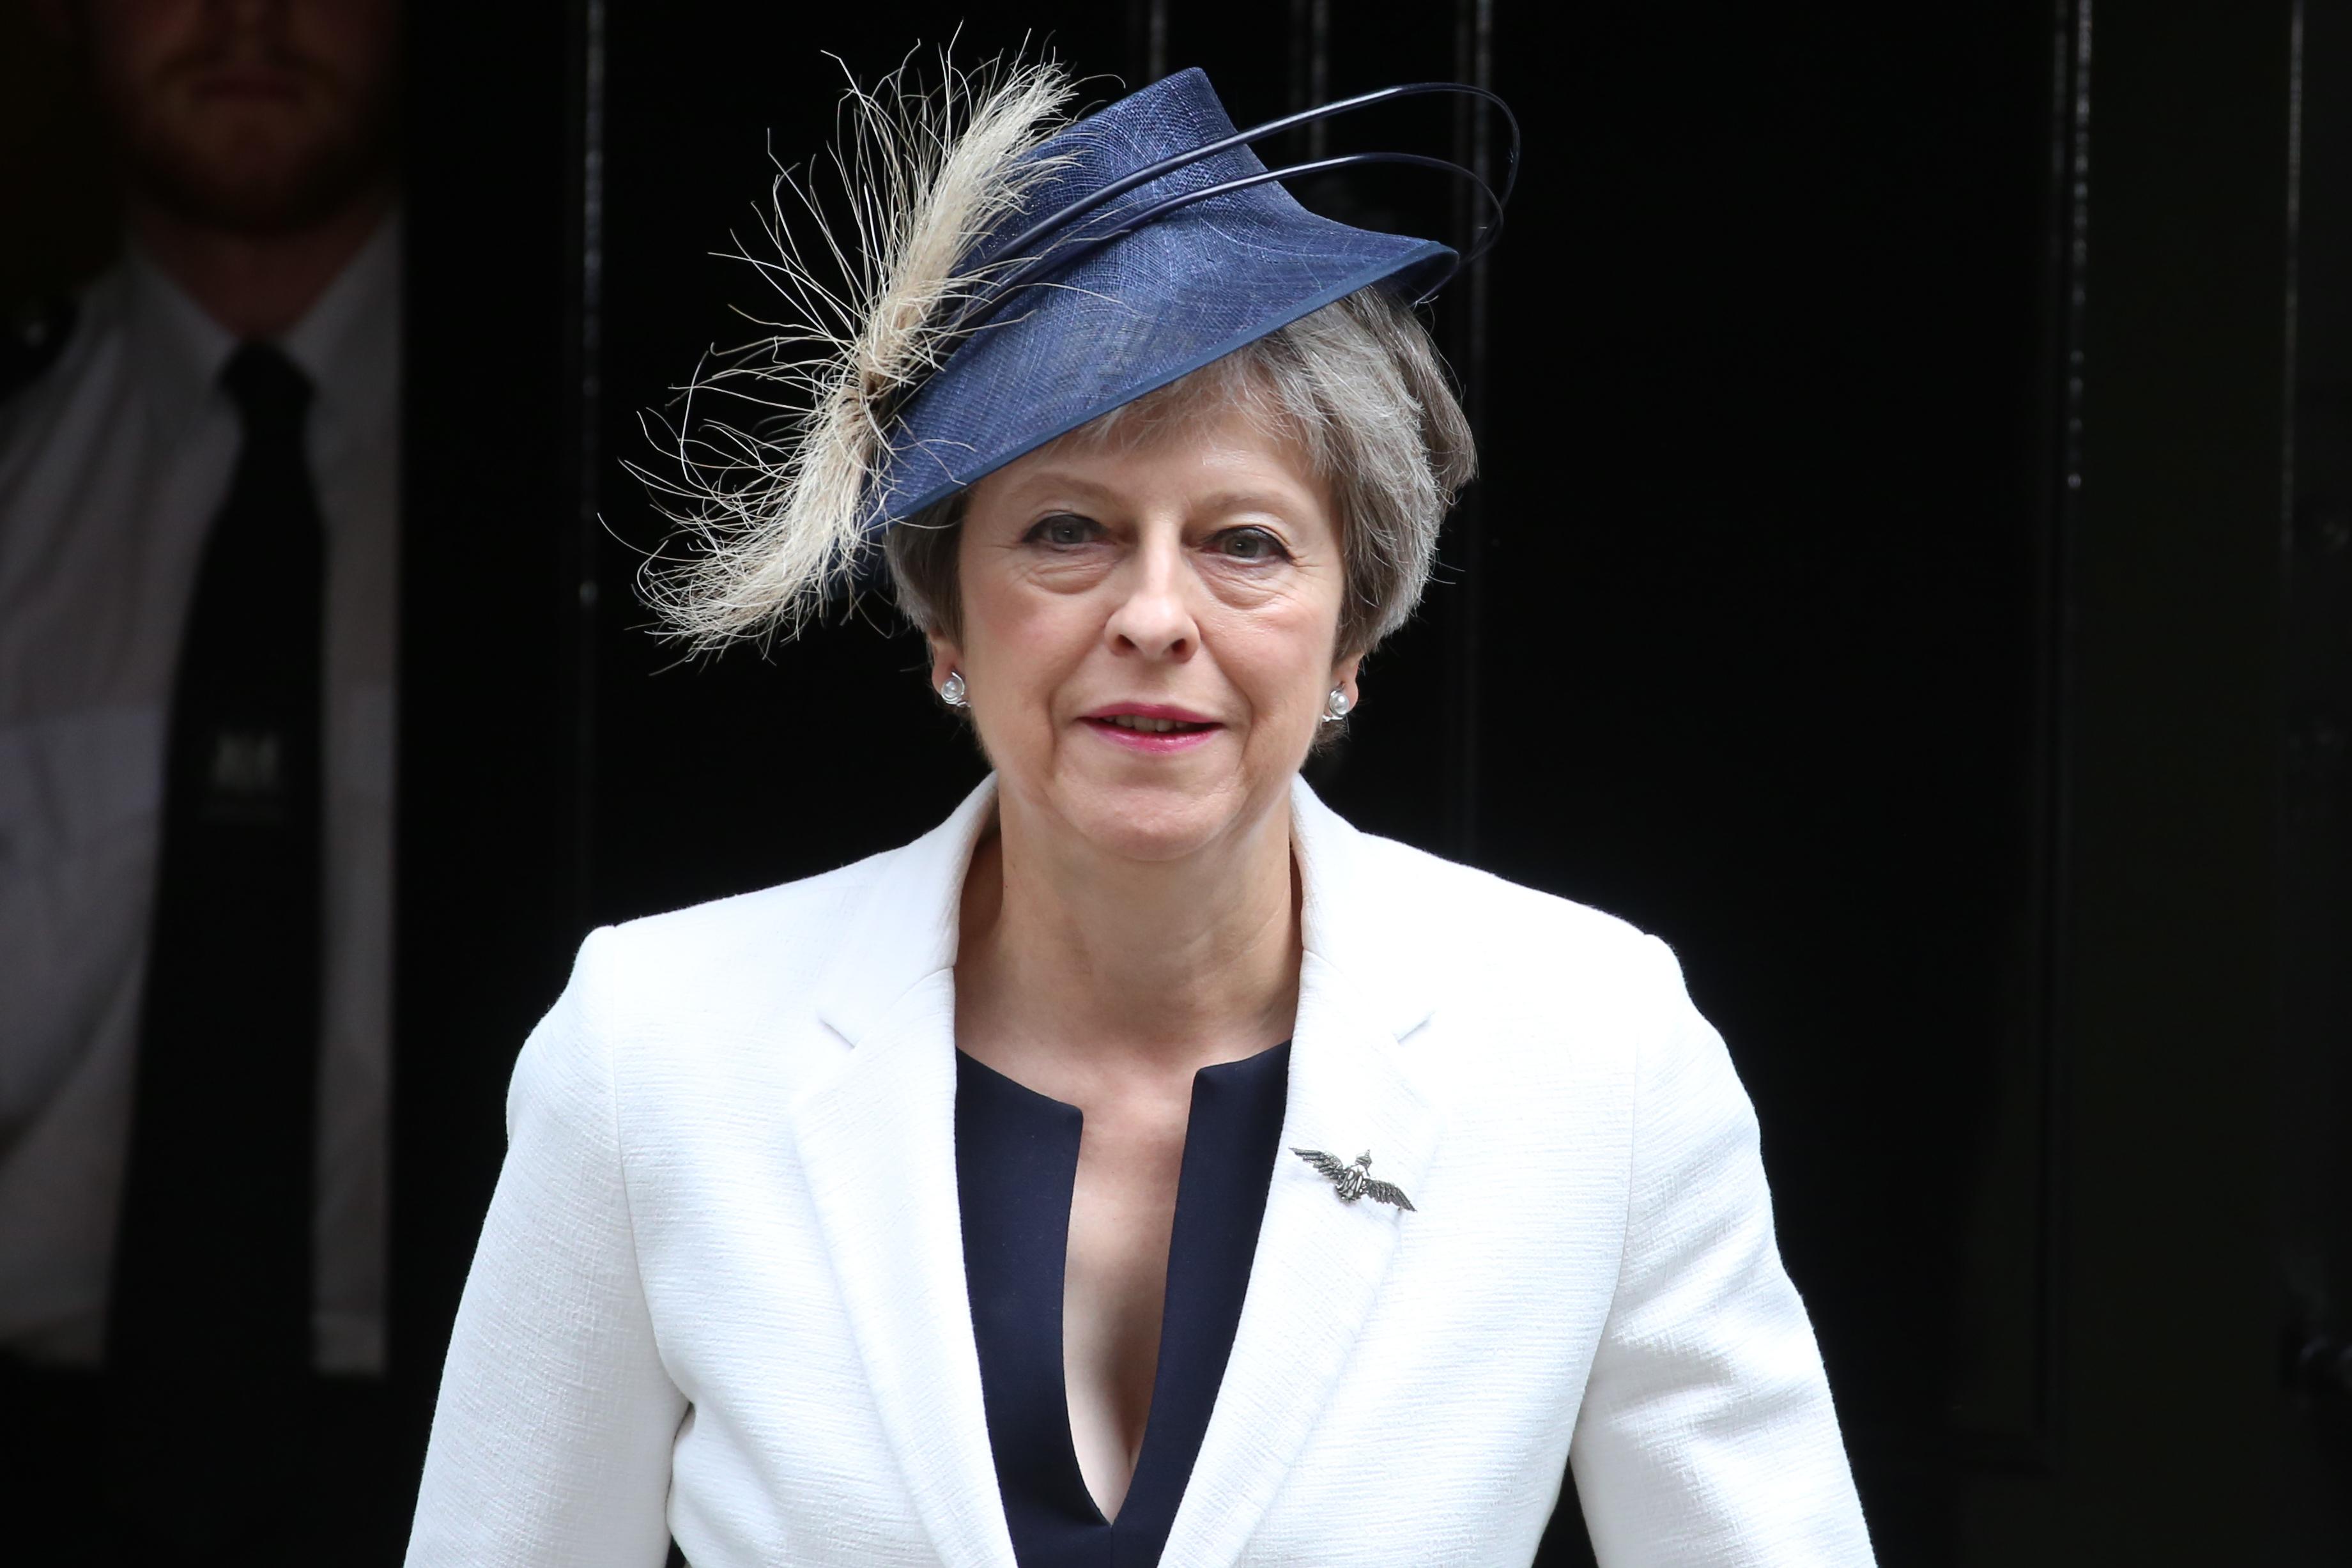 May: A parlament dönthet arról, legyen-e újabb népszavazás a brexitről